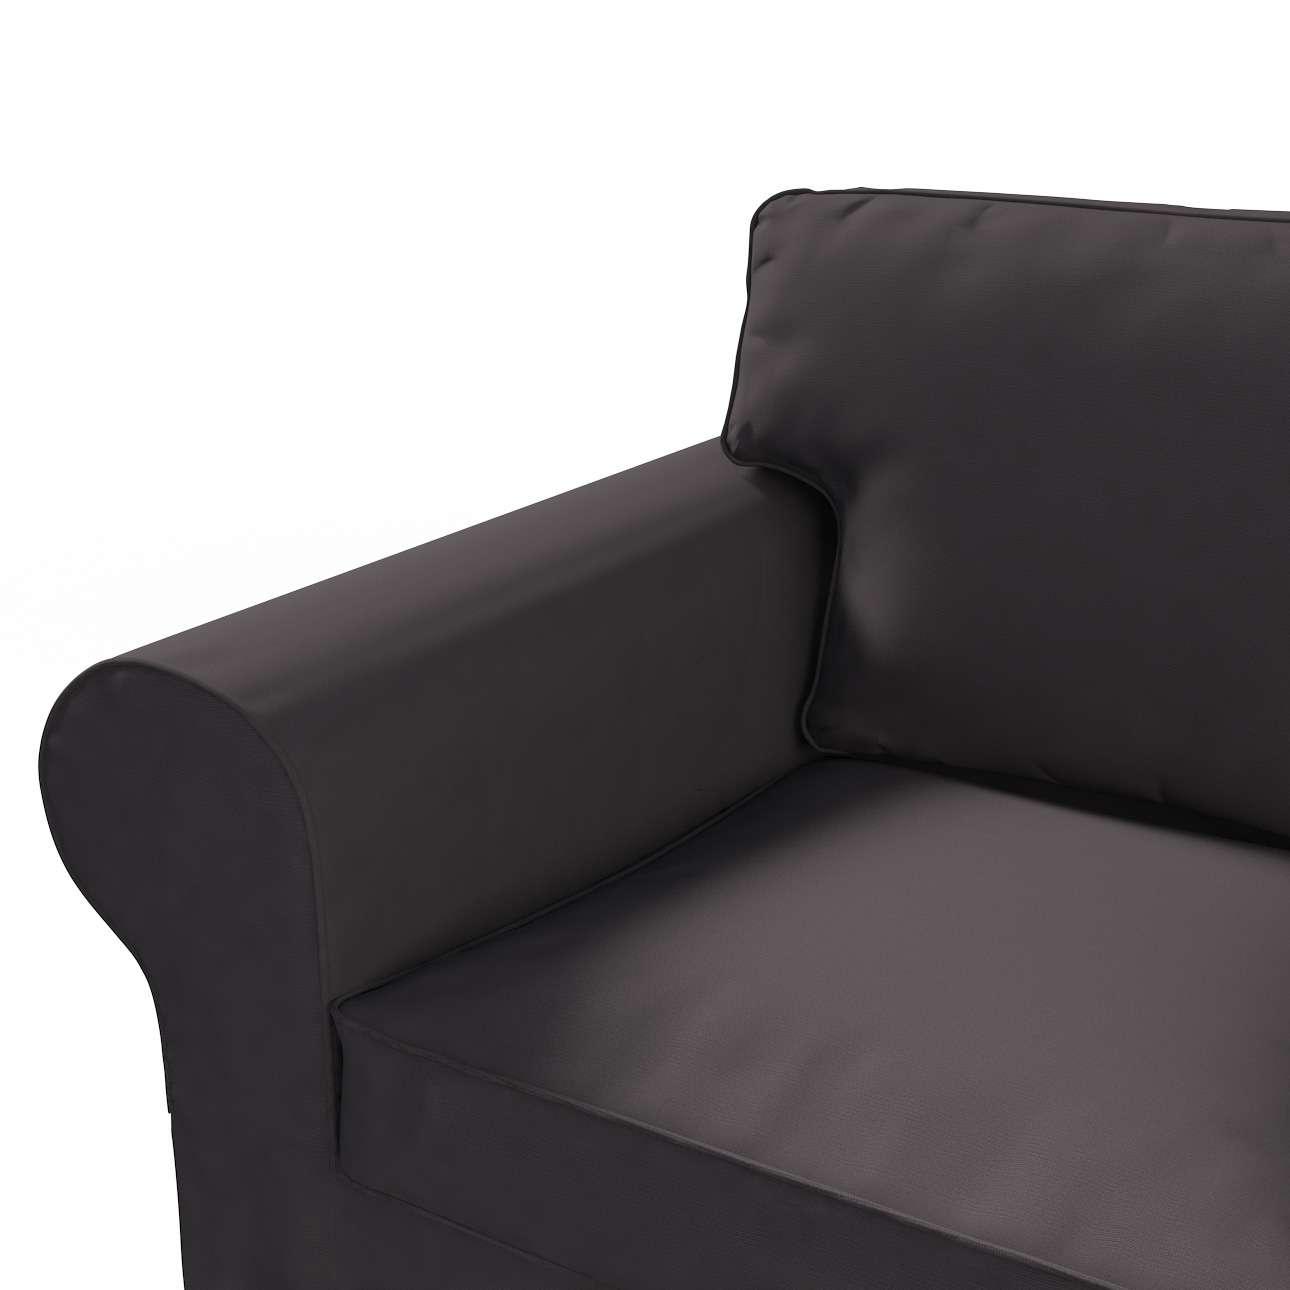 Pokrowiec na sofę Ektorp 2-osobową rozkładana NOWY MODEL 2012 sofa ektorp 2-osobowa rozkładana NOWY MODEL w kolekcji Cotton Panama, tkanina: 702-09